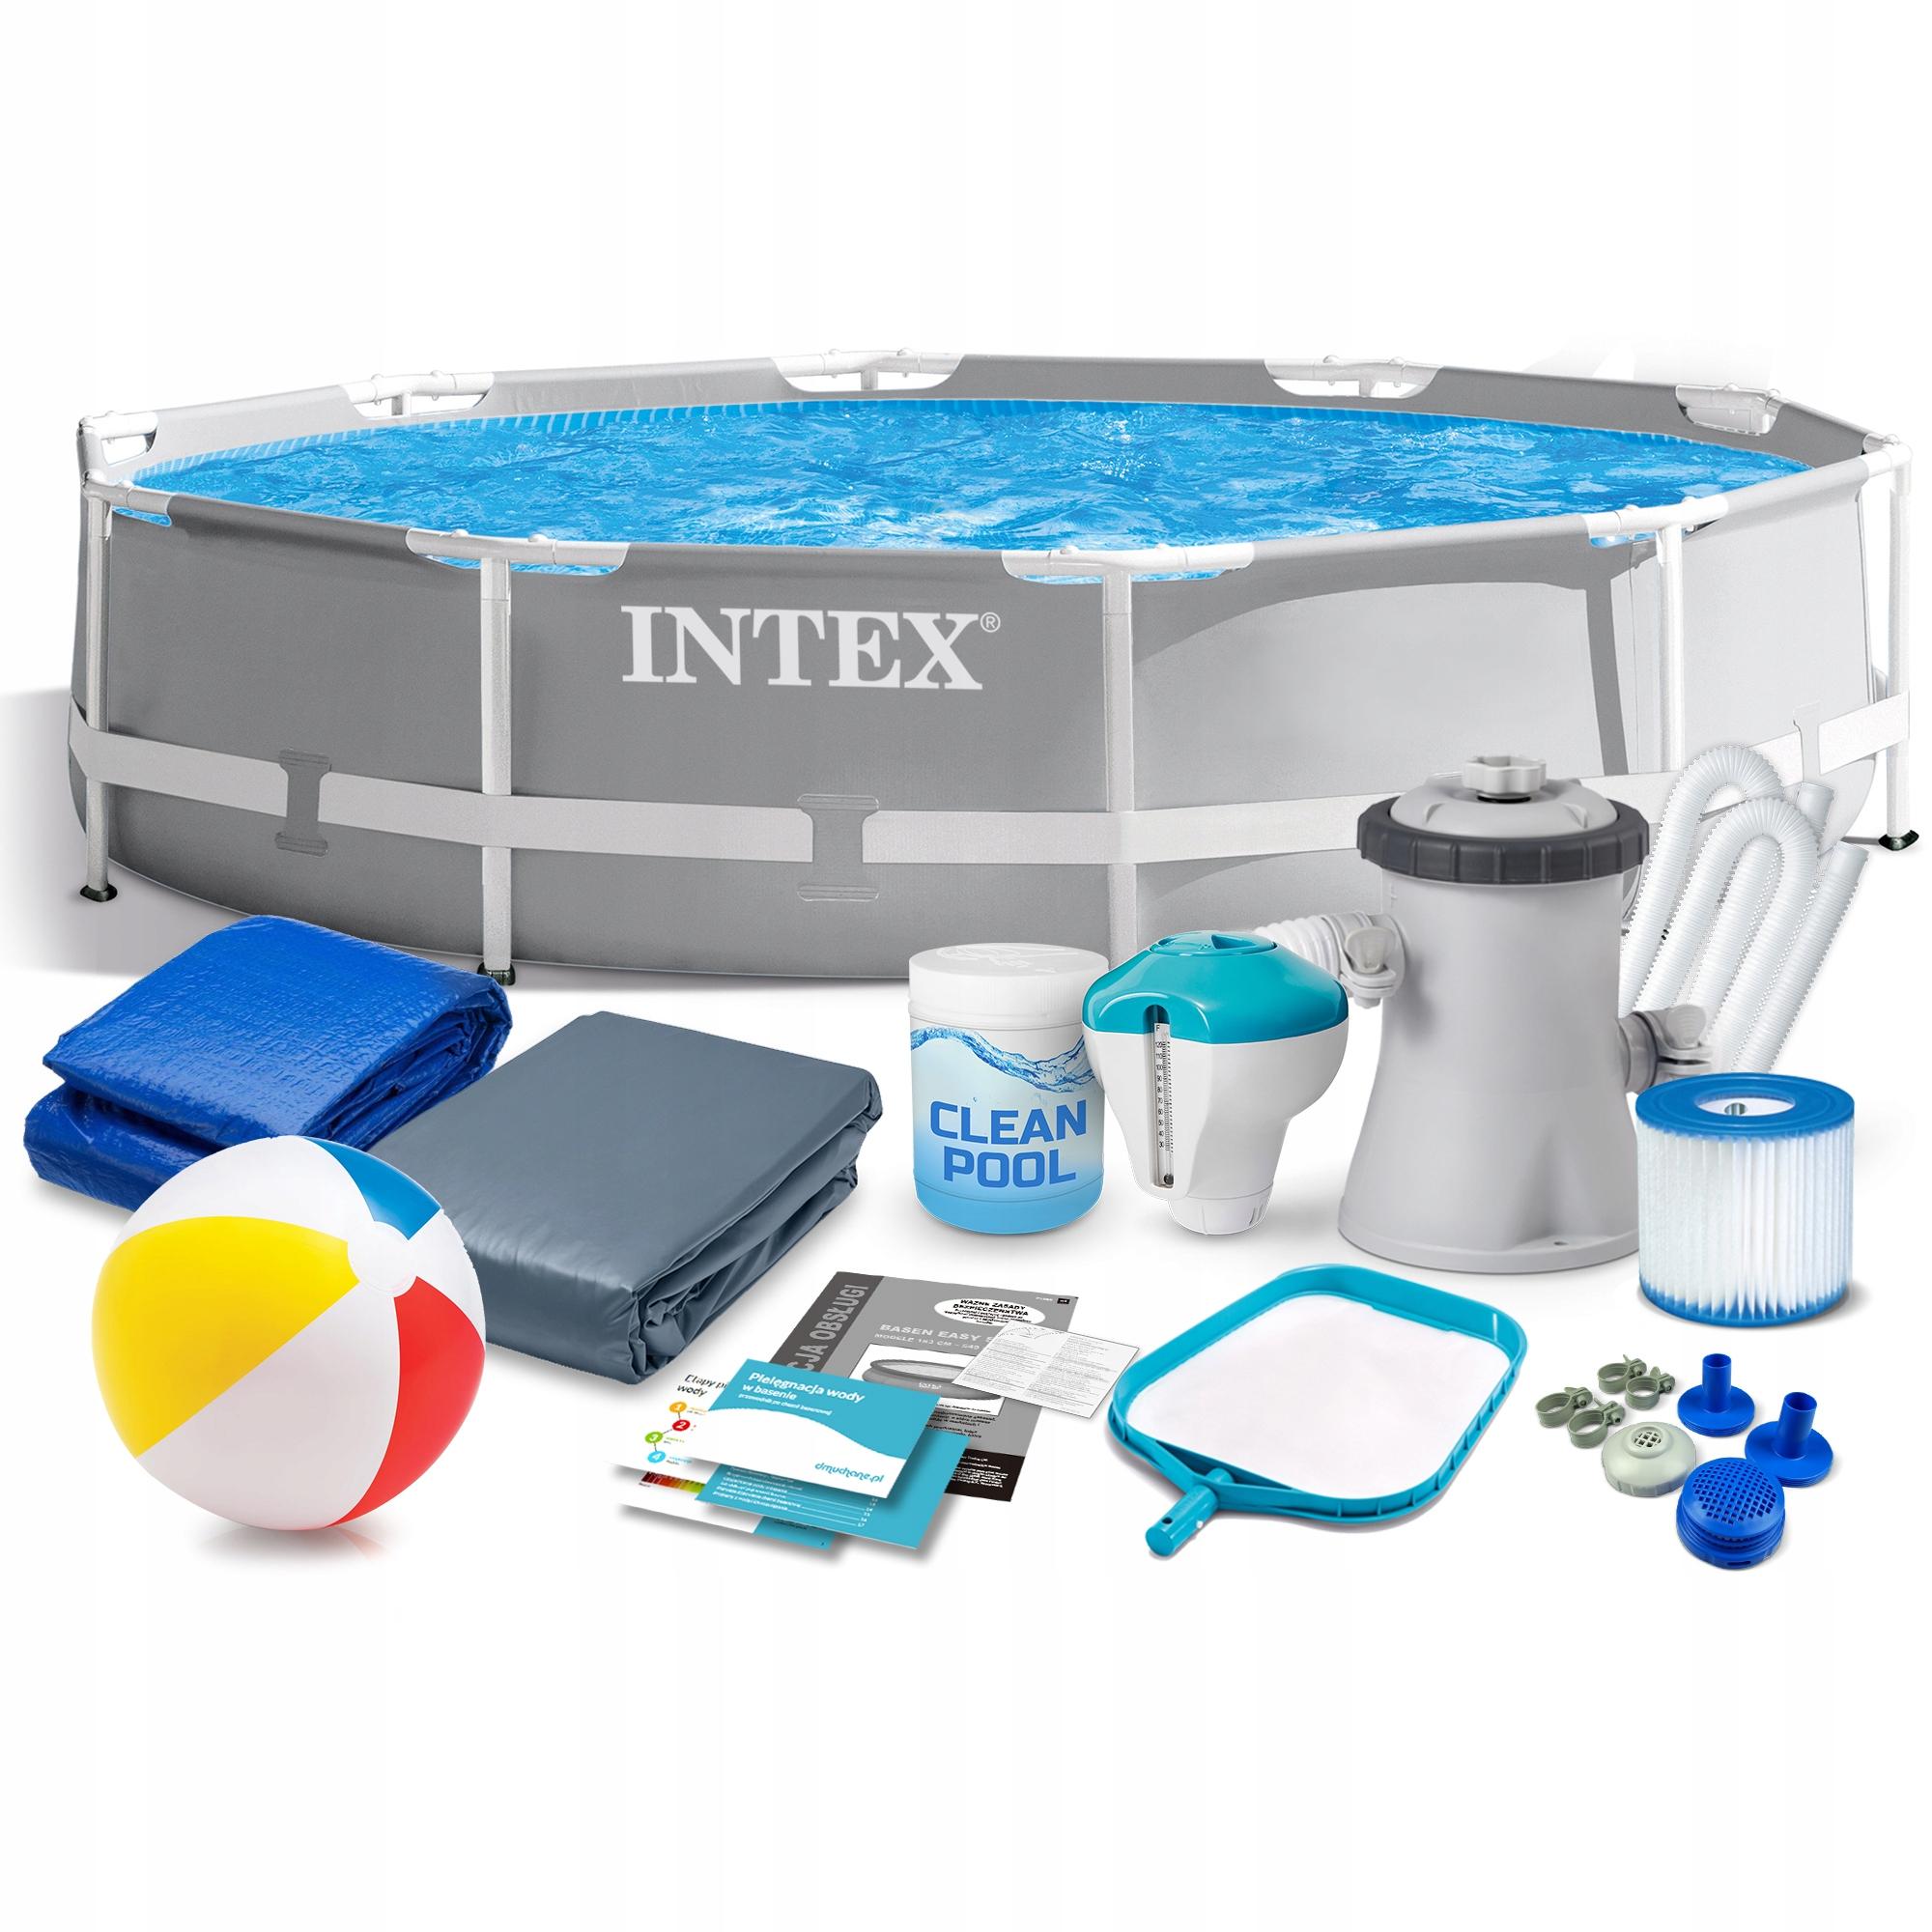 Садовый бассейн для монтажа в стойку INTEX 305x76cm 26702 16w1